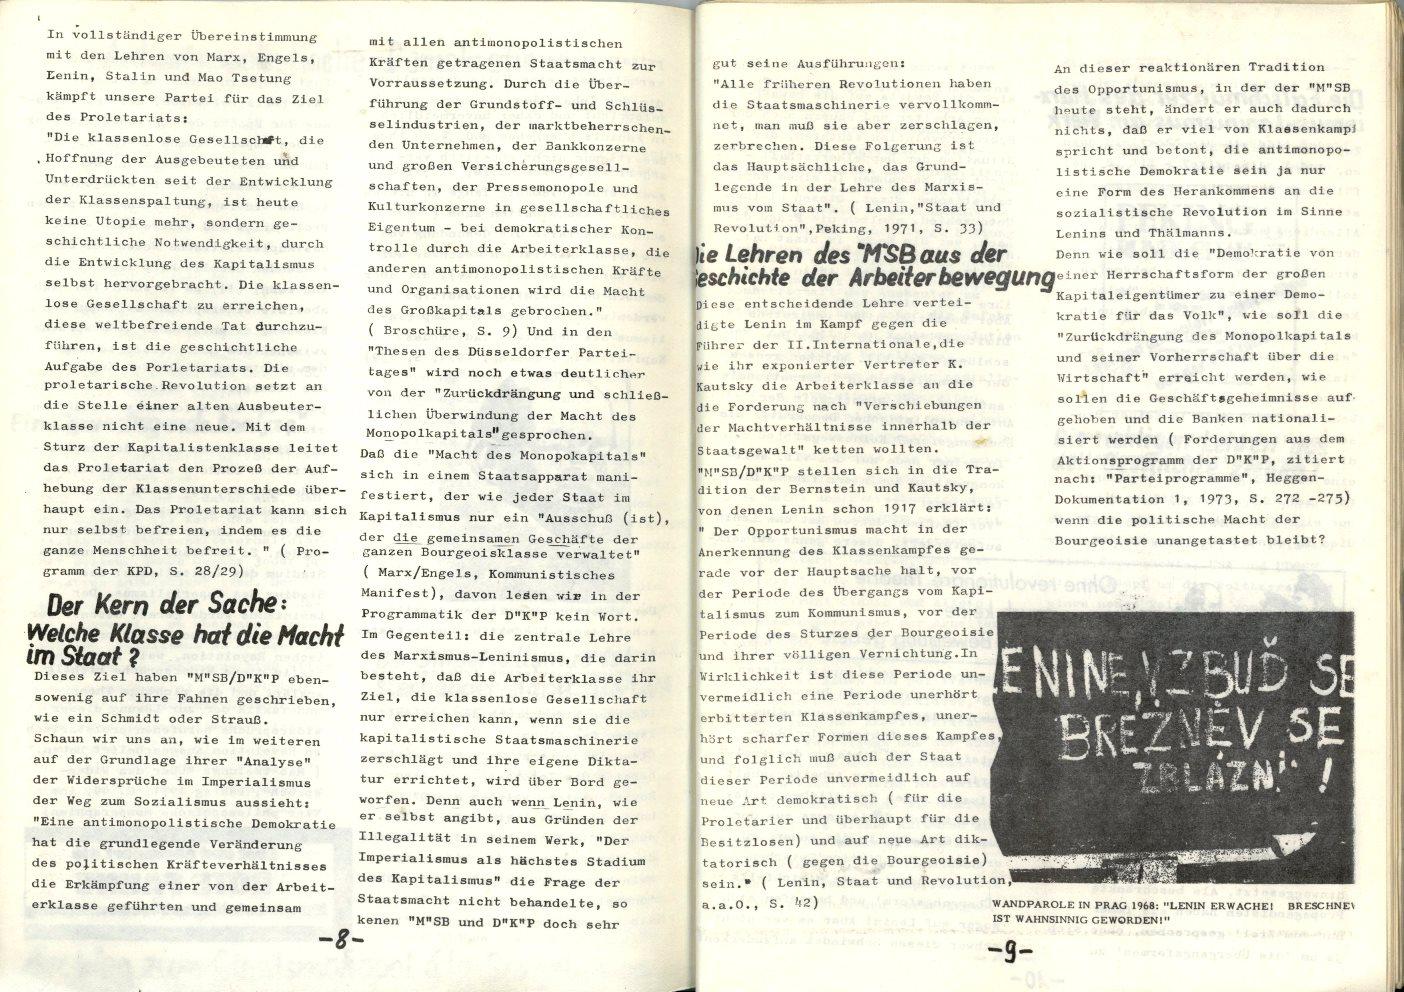 NRW_KSV_1977_Doku_zu_den_AStA_Wahlen_Nr_2_05